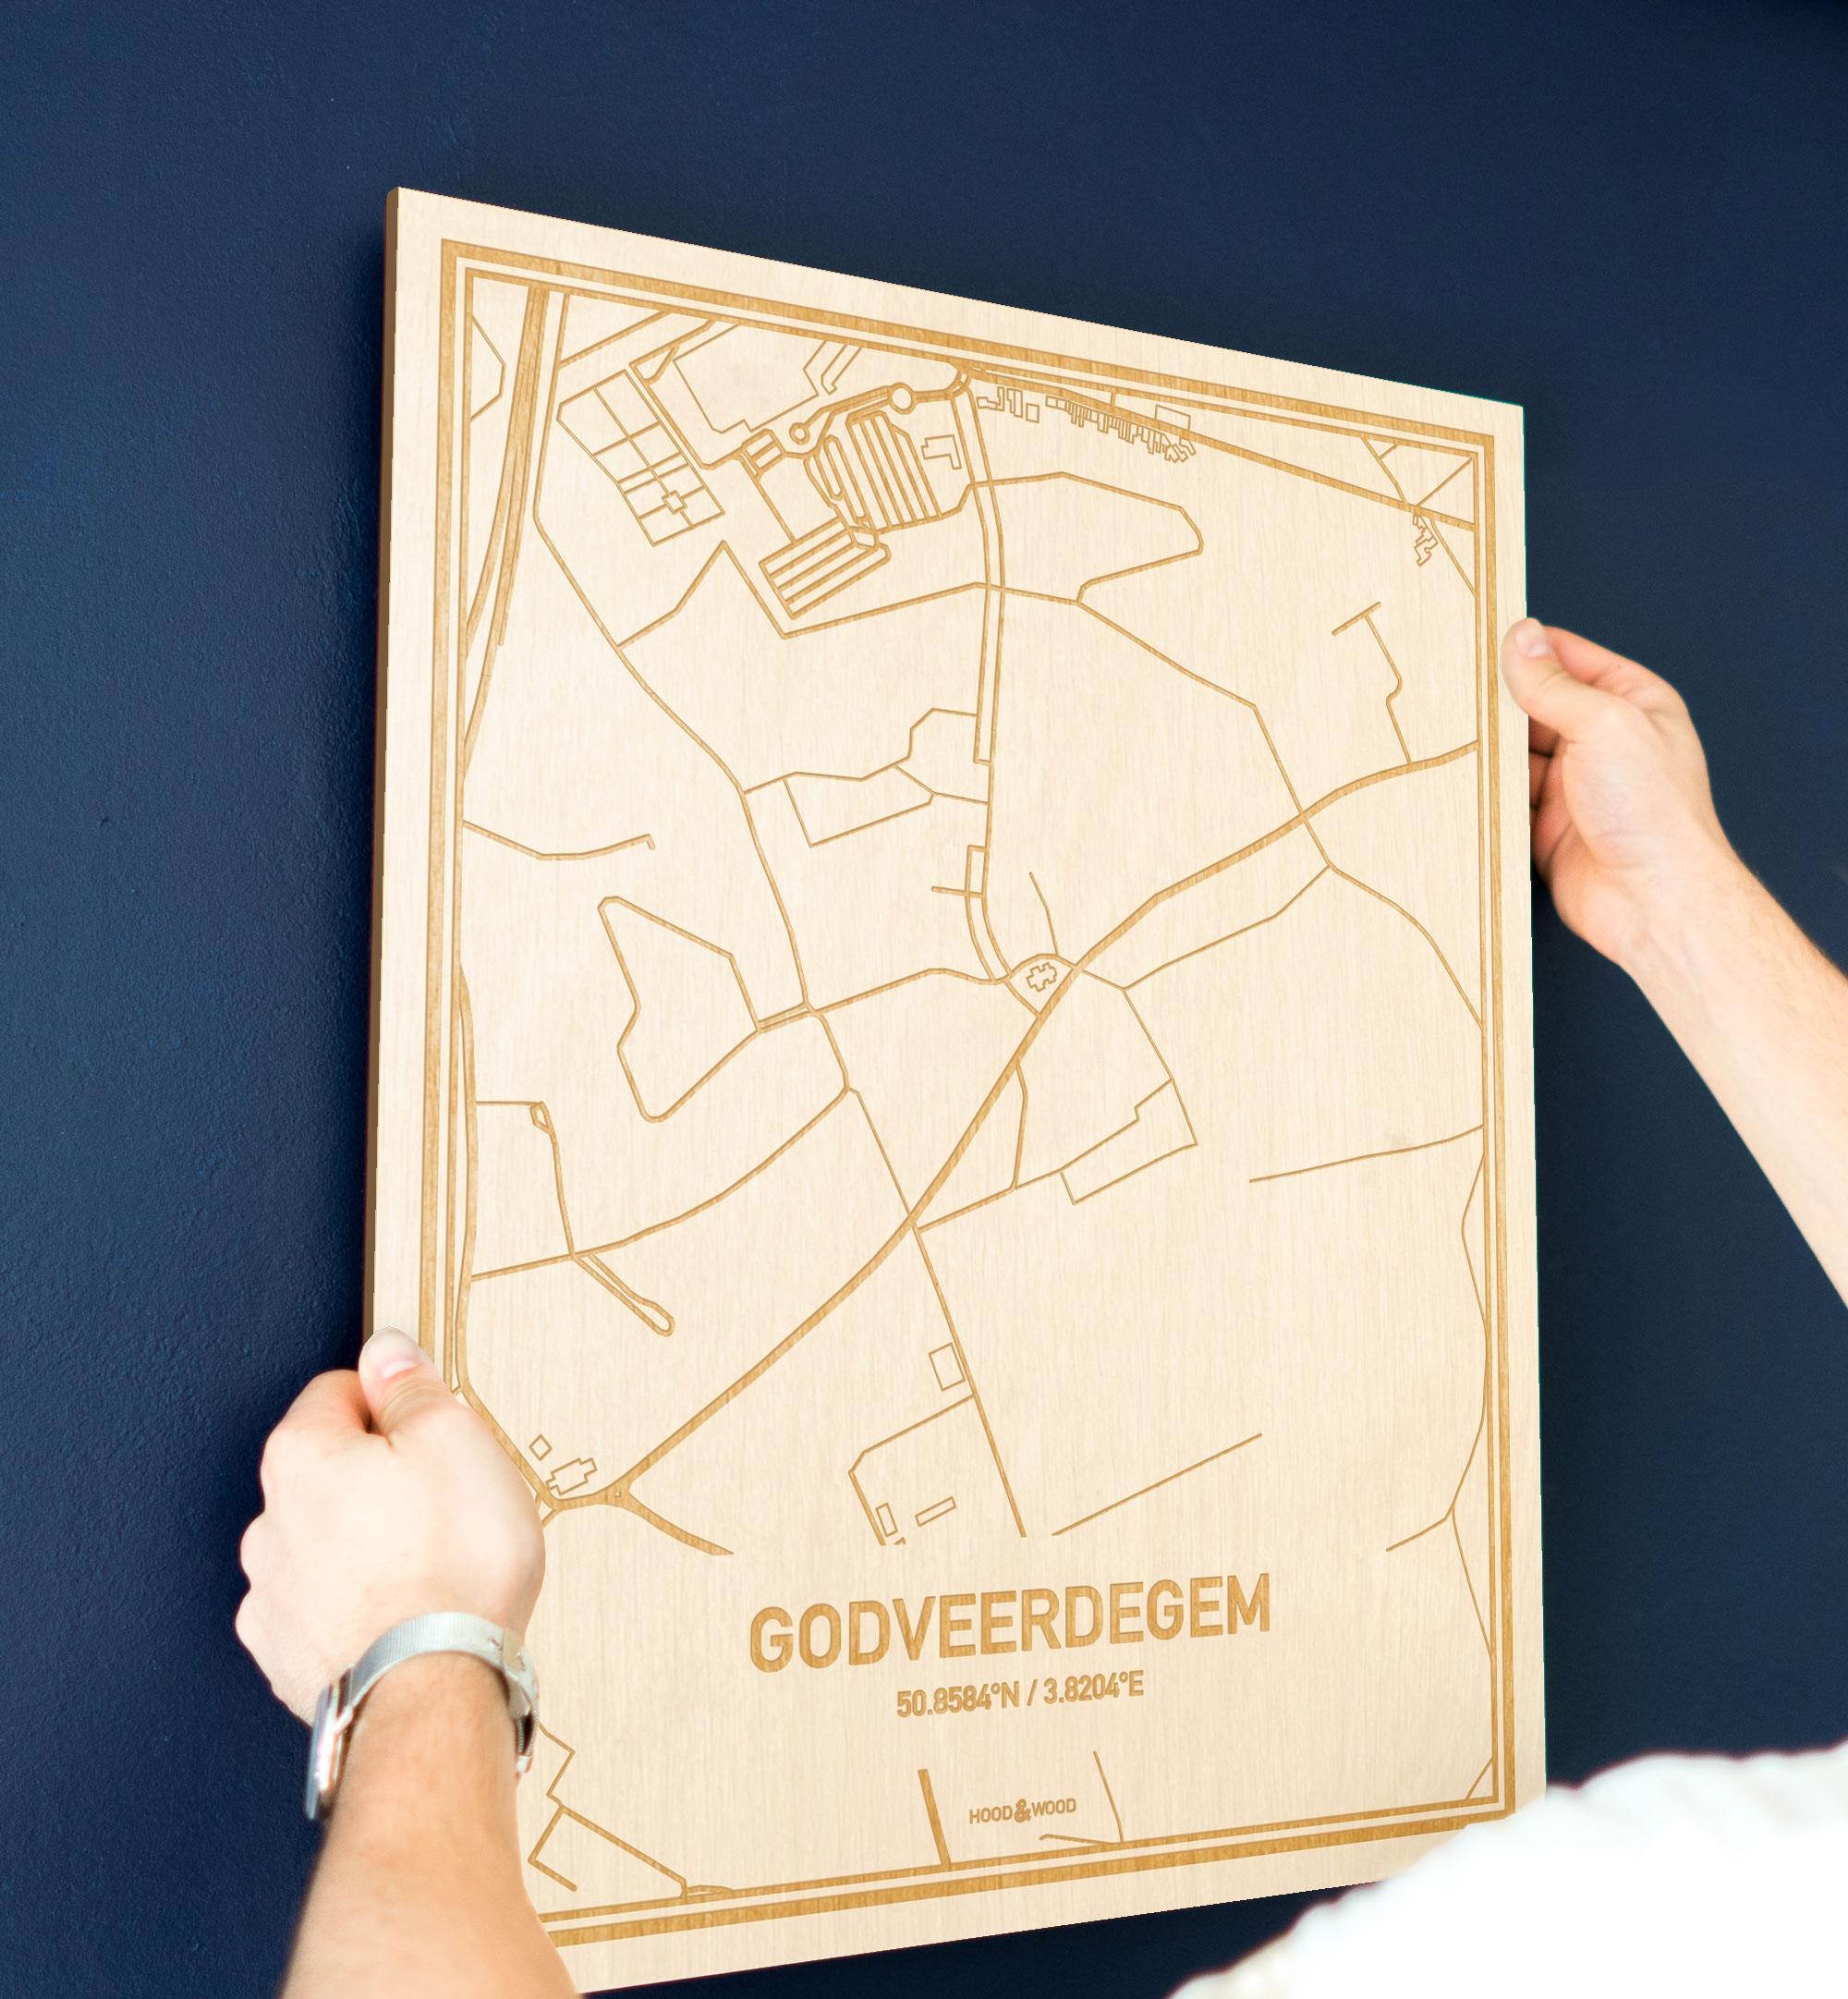 Een man hangt de houten plattegrond Godveerdegem aan zijn blauwe muur ter decoratie. Je ziet alleen zijn handen de kaart van deze bijzondere in Oost-Vlaanderen  vasthouden.